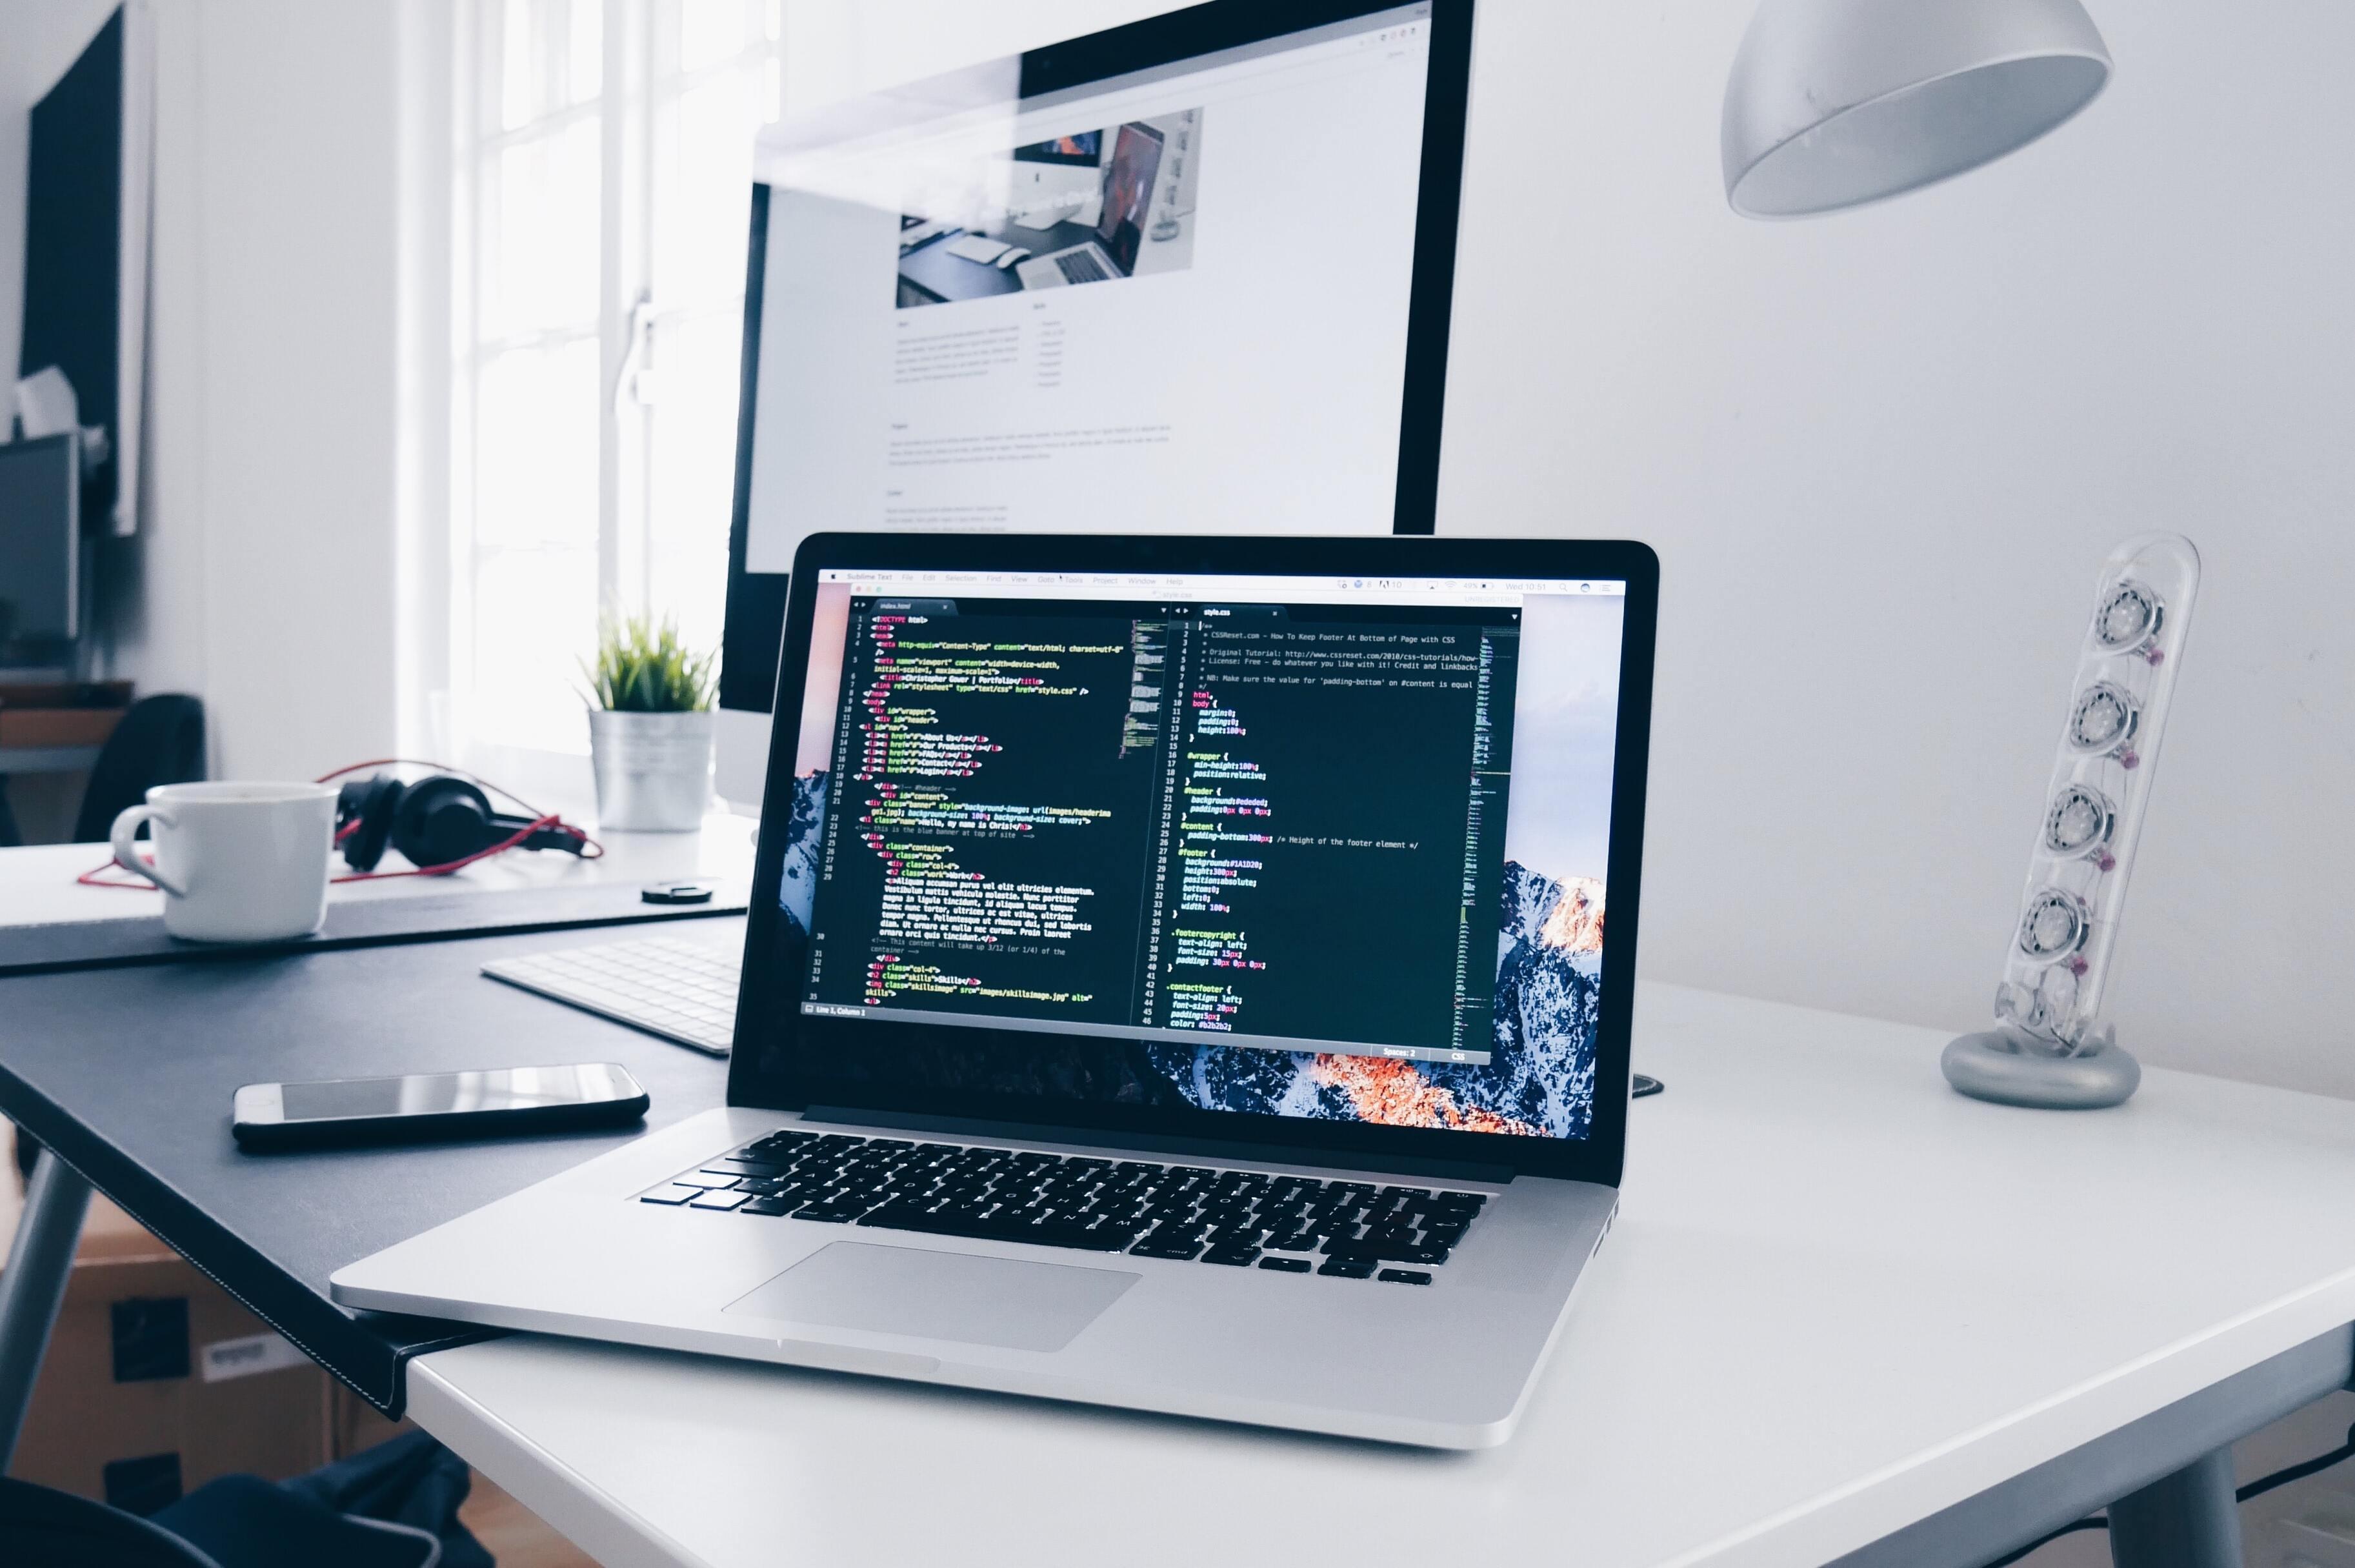 Microsoft выпустила инструмент для создания компьютерных программ разговорным языком